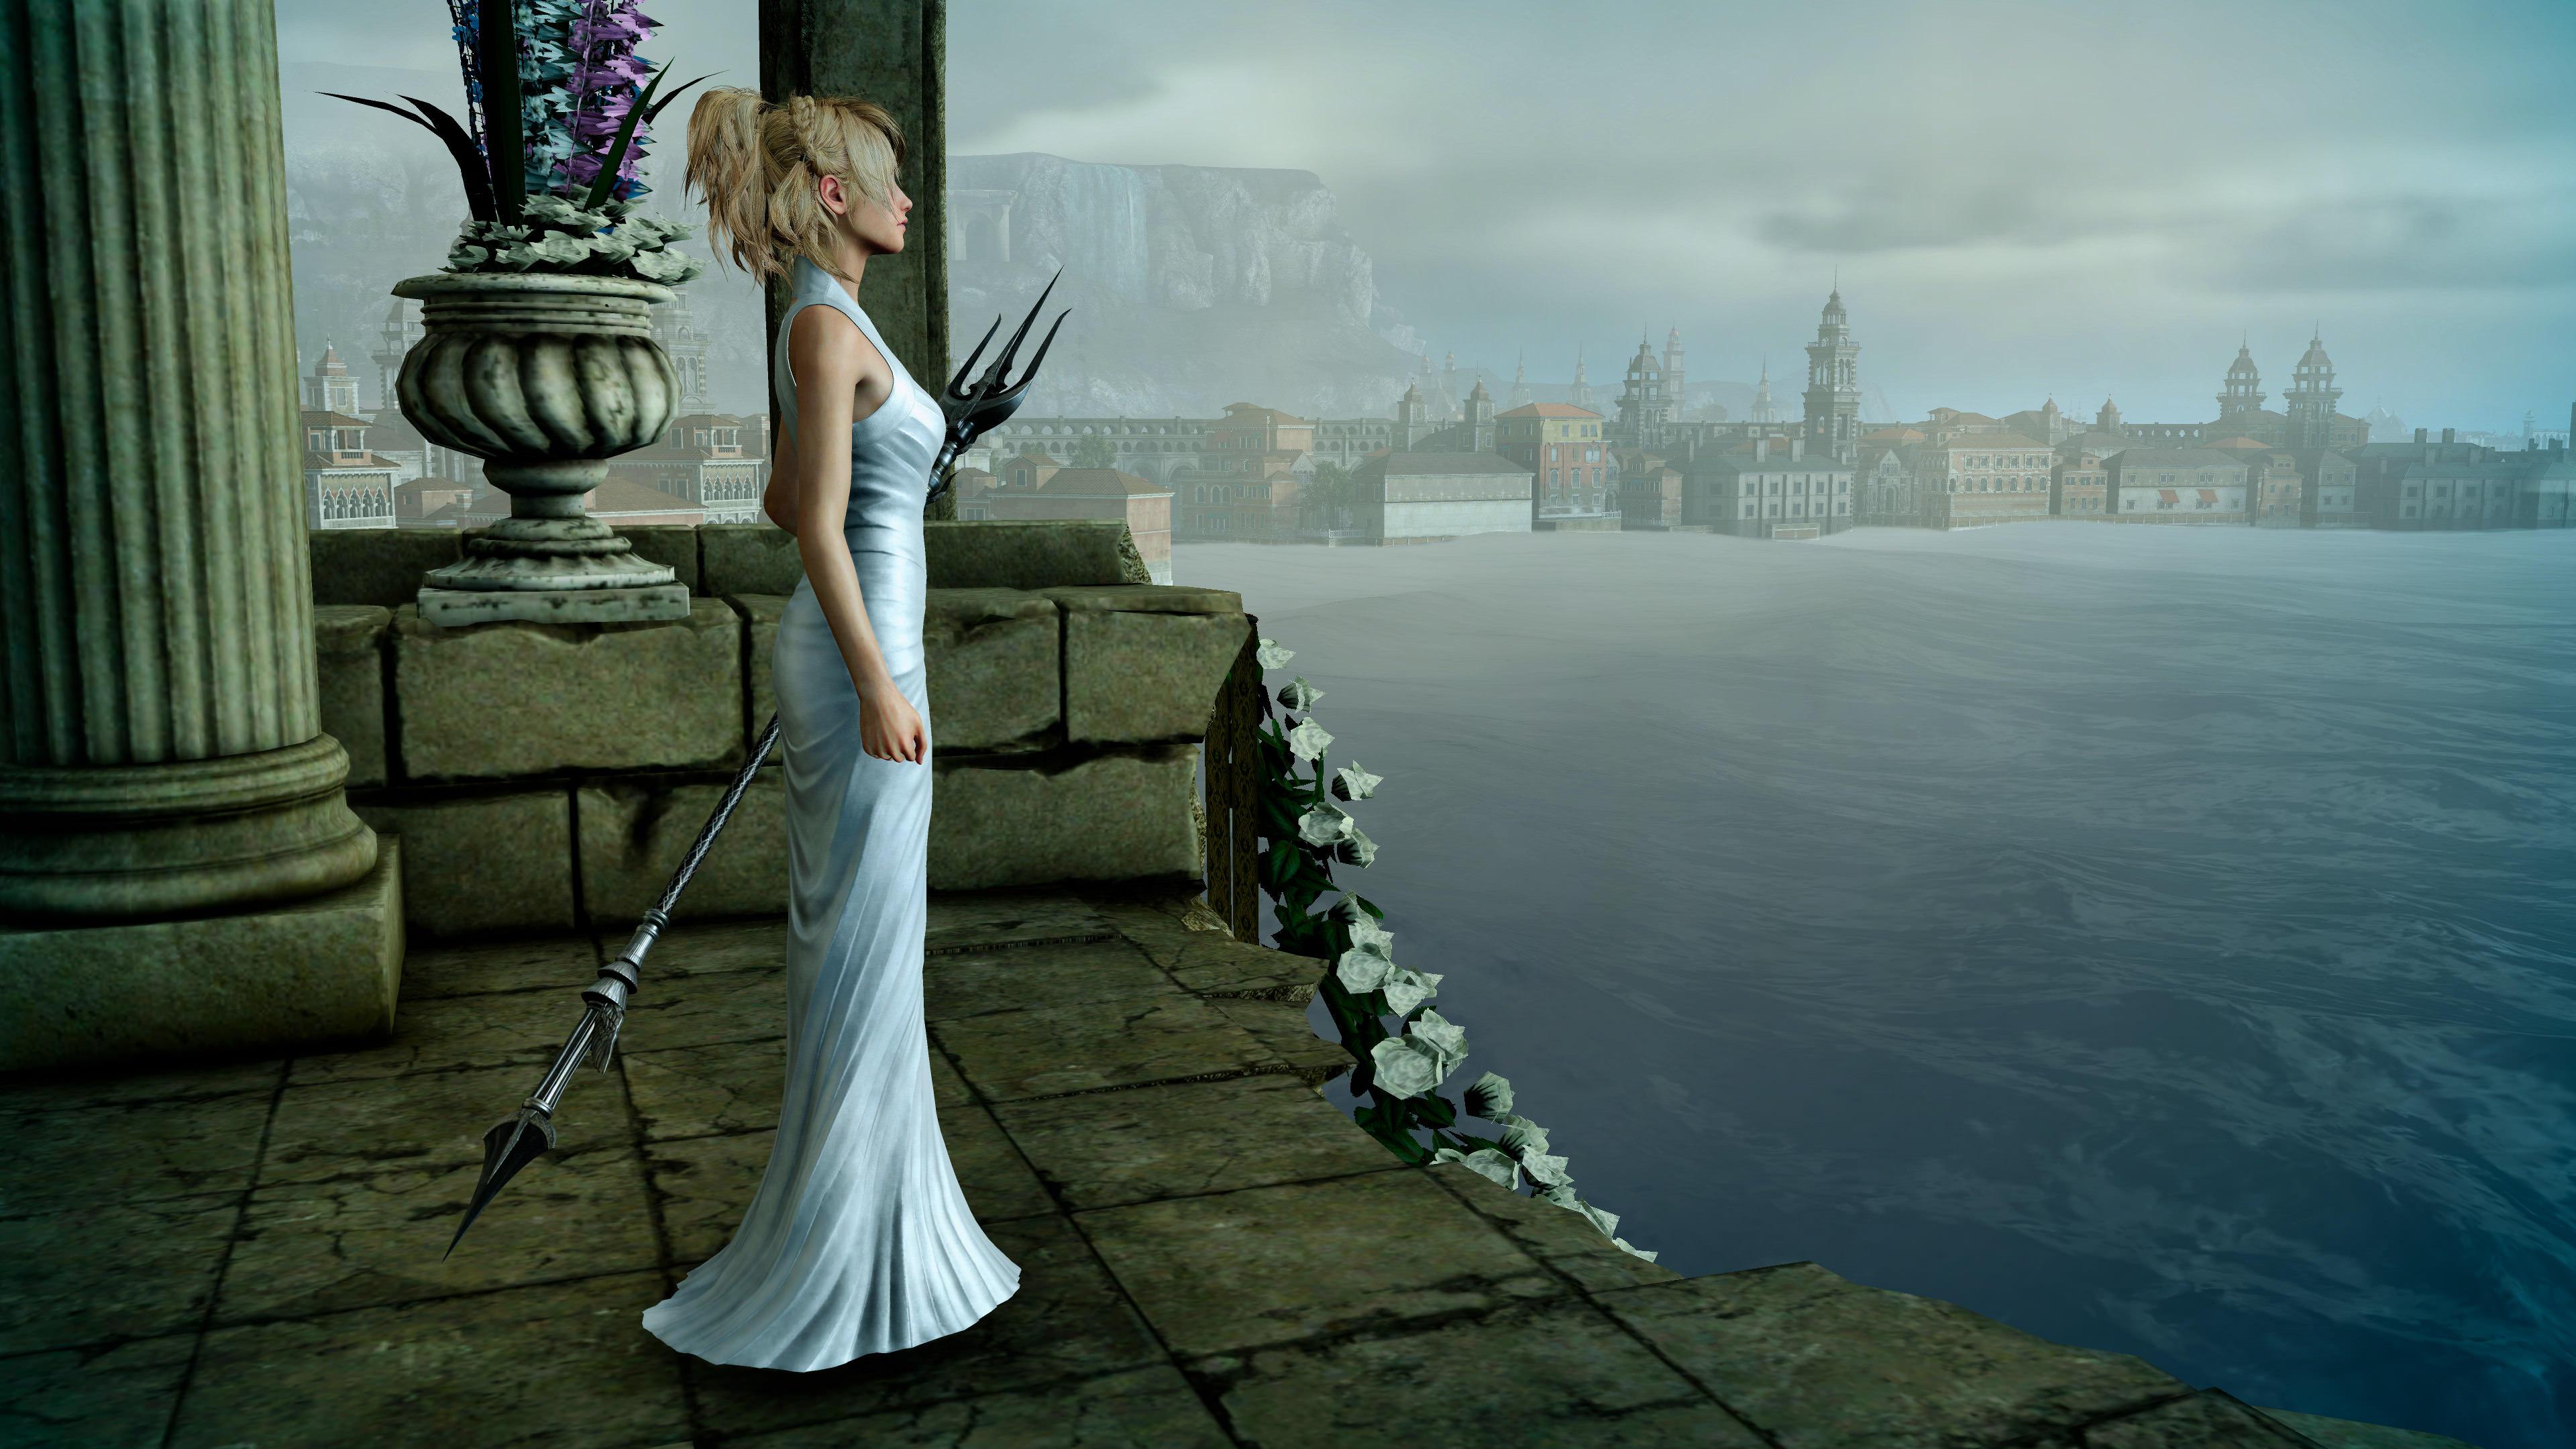 Final Fantasy Xv Wallpaper 4k: 2560x1080 Luna Final Fantasy XV 4k 2560x1080 Resolution HD